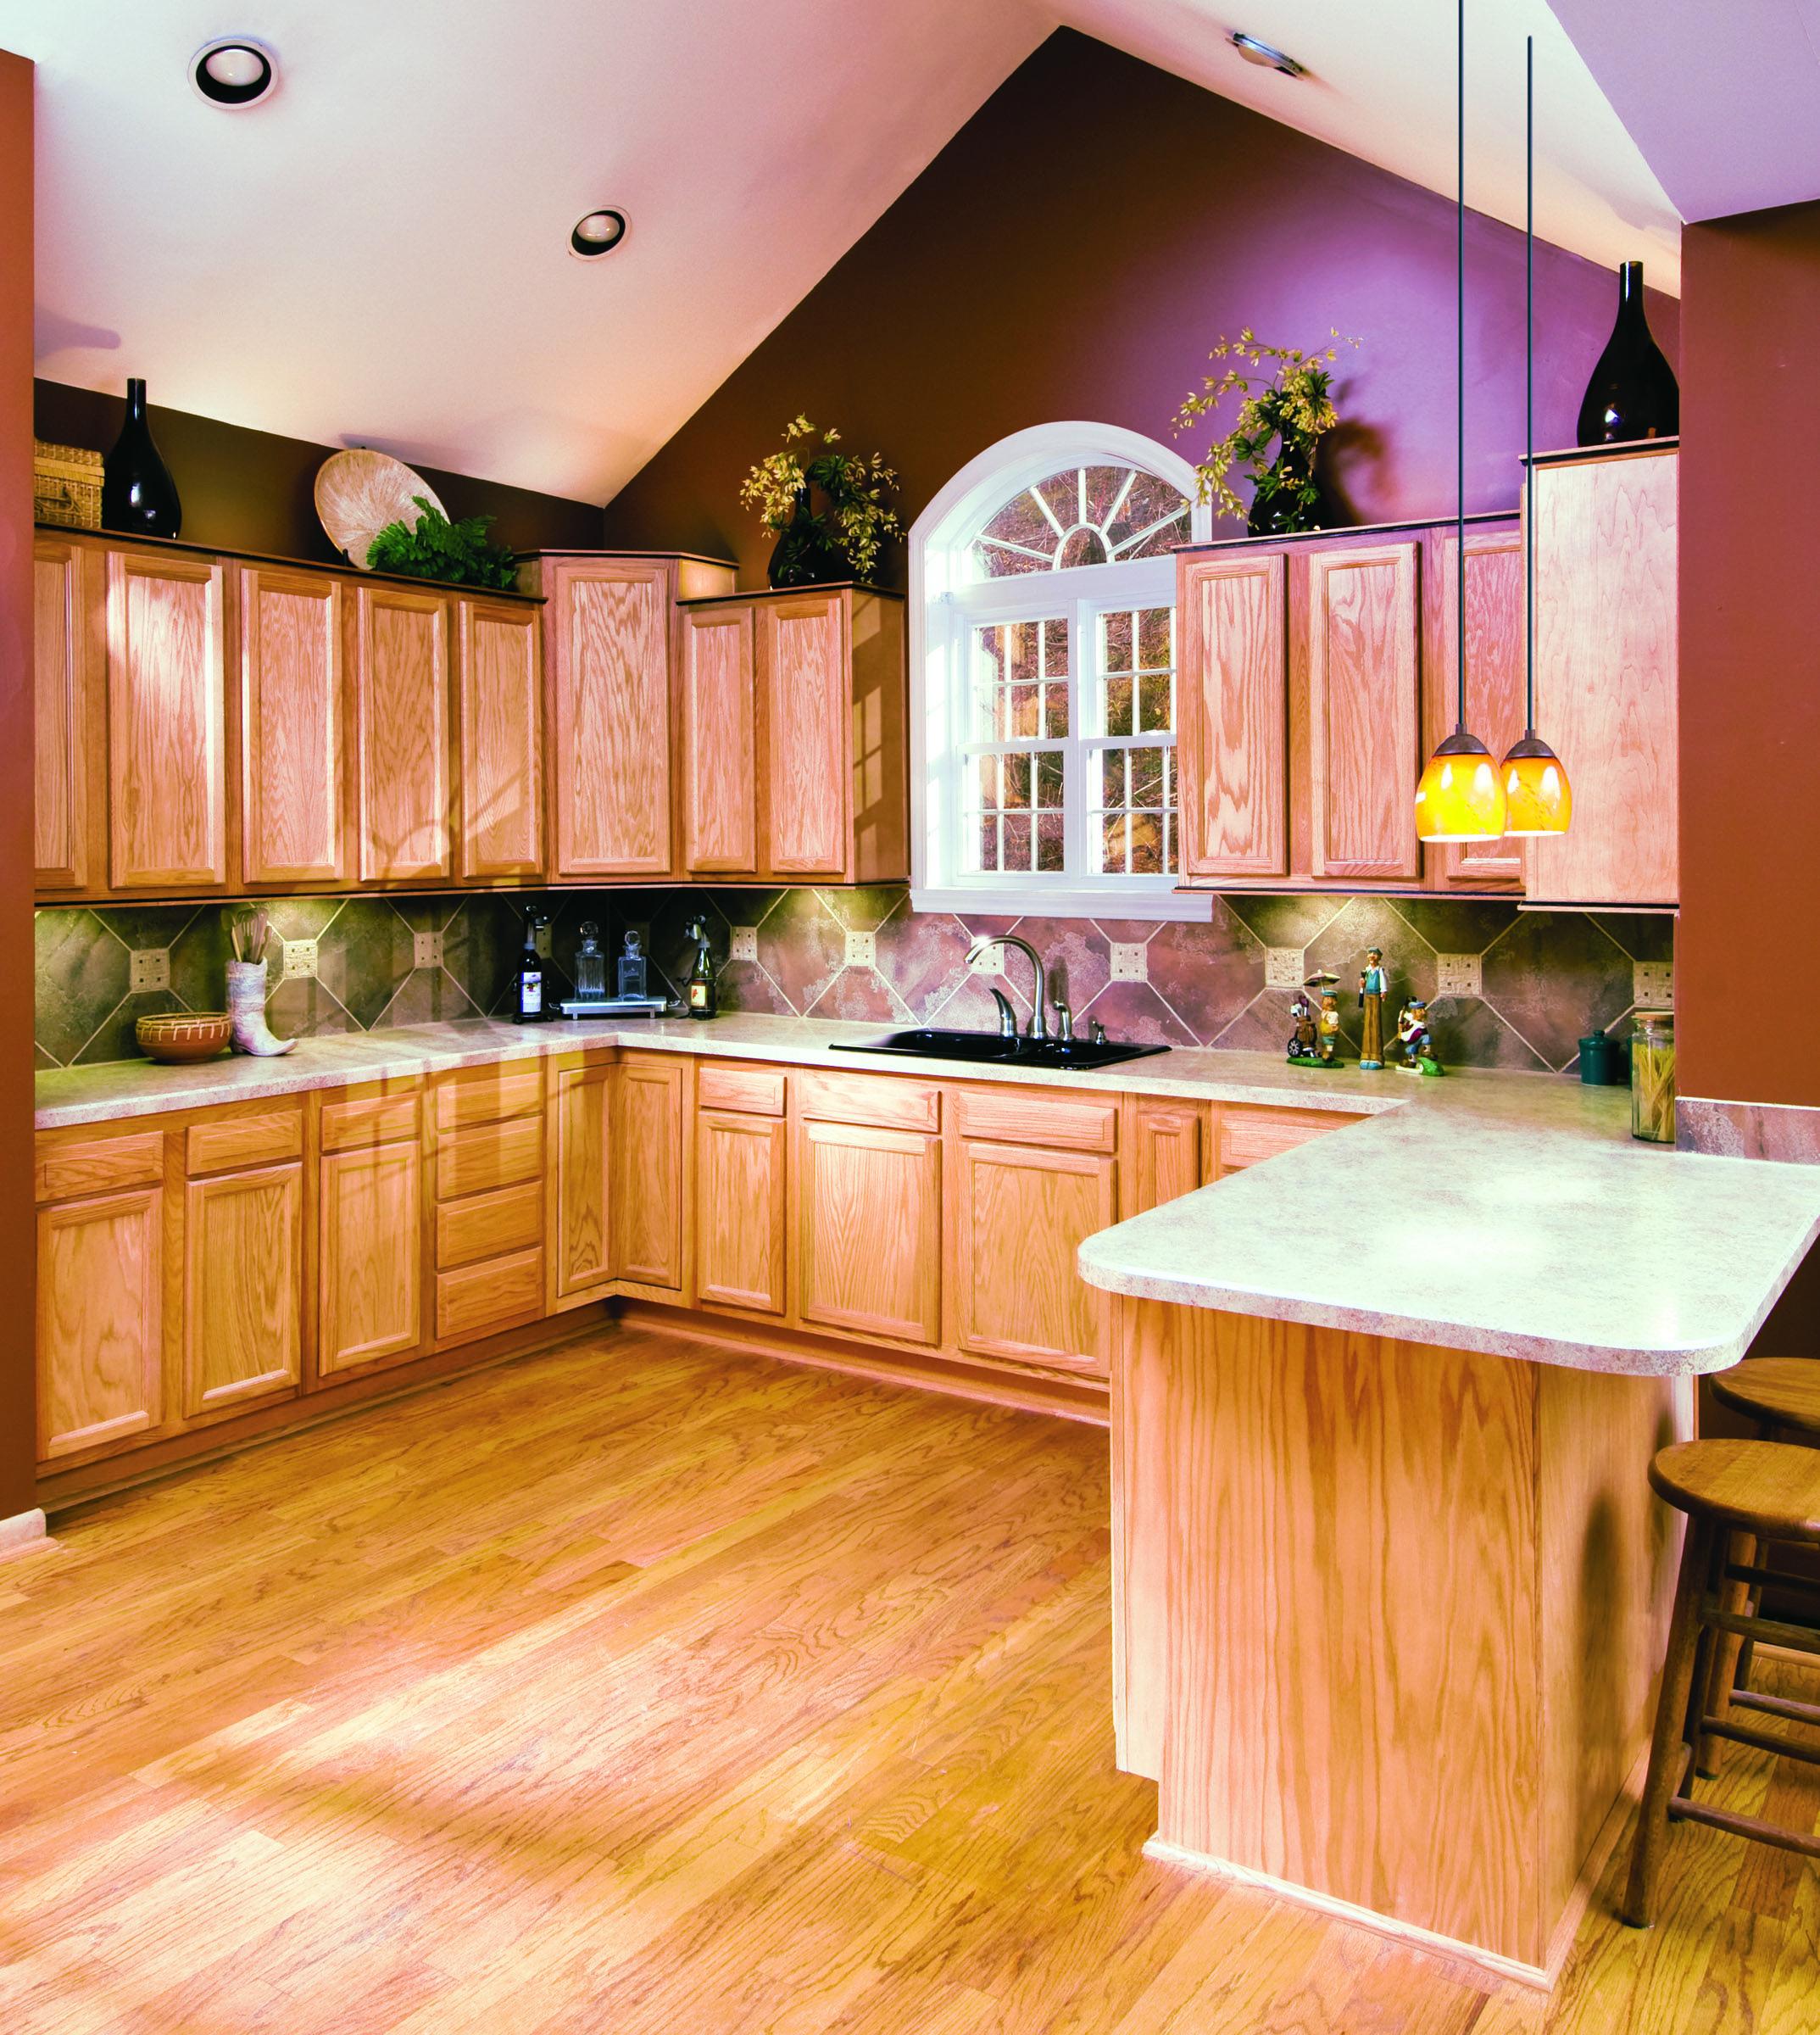 Chadwood Sustainable Kitchen Kitchen Cabinets Kitchen